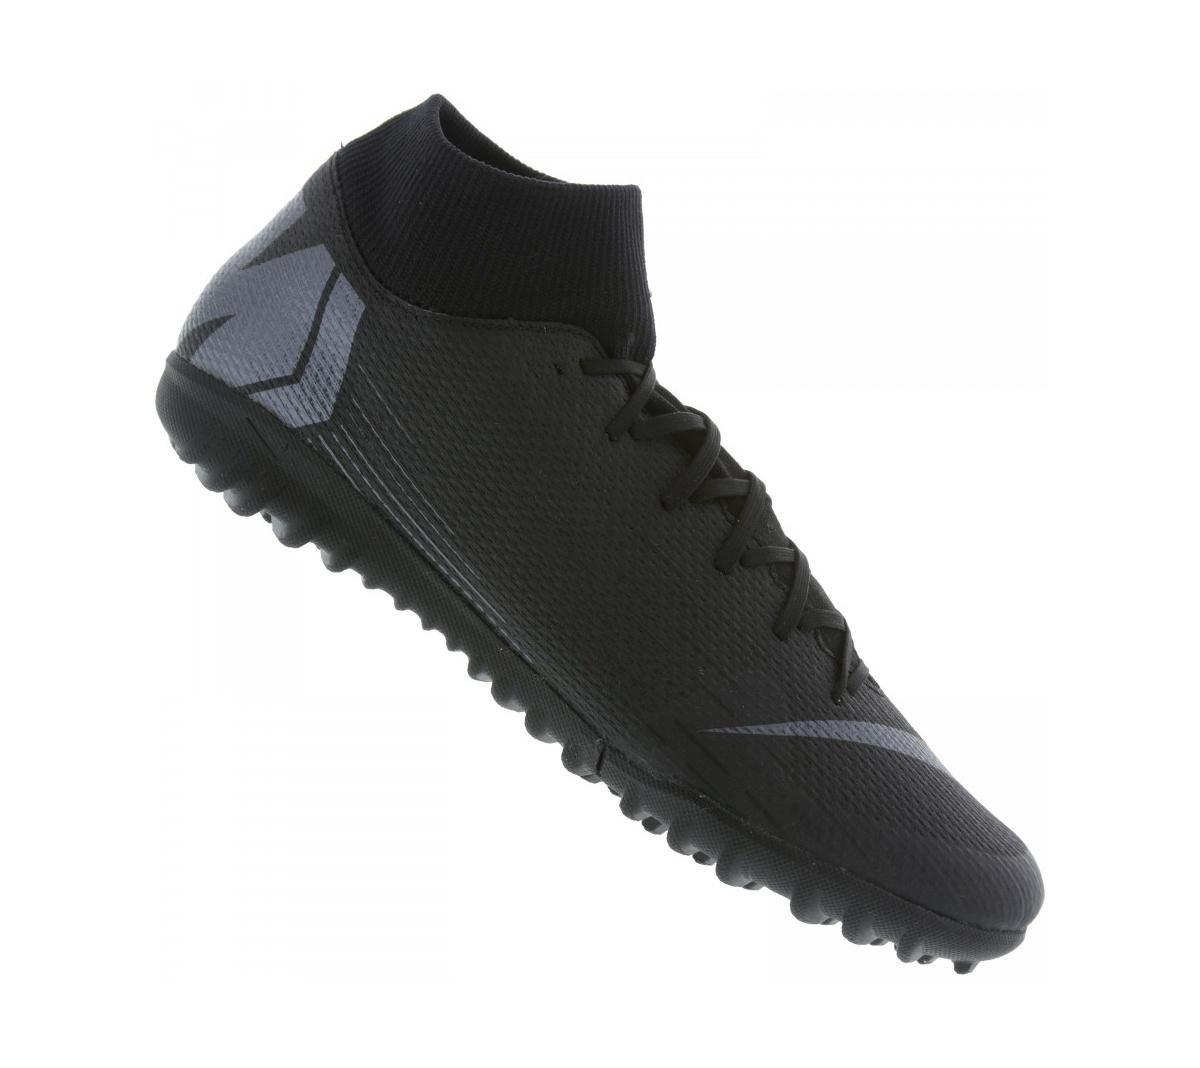 b8f3fec434 Chuteira Nike Superfly 6 Academy Society Chuteira Nike Superfly 6 Academy  Society ...